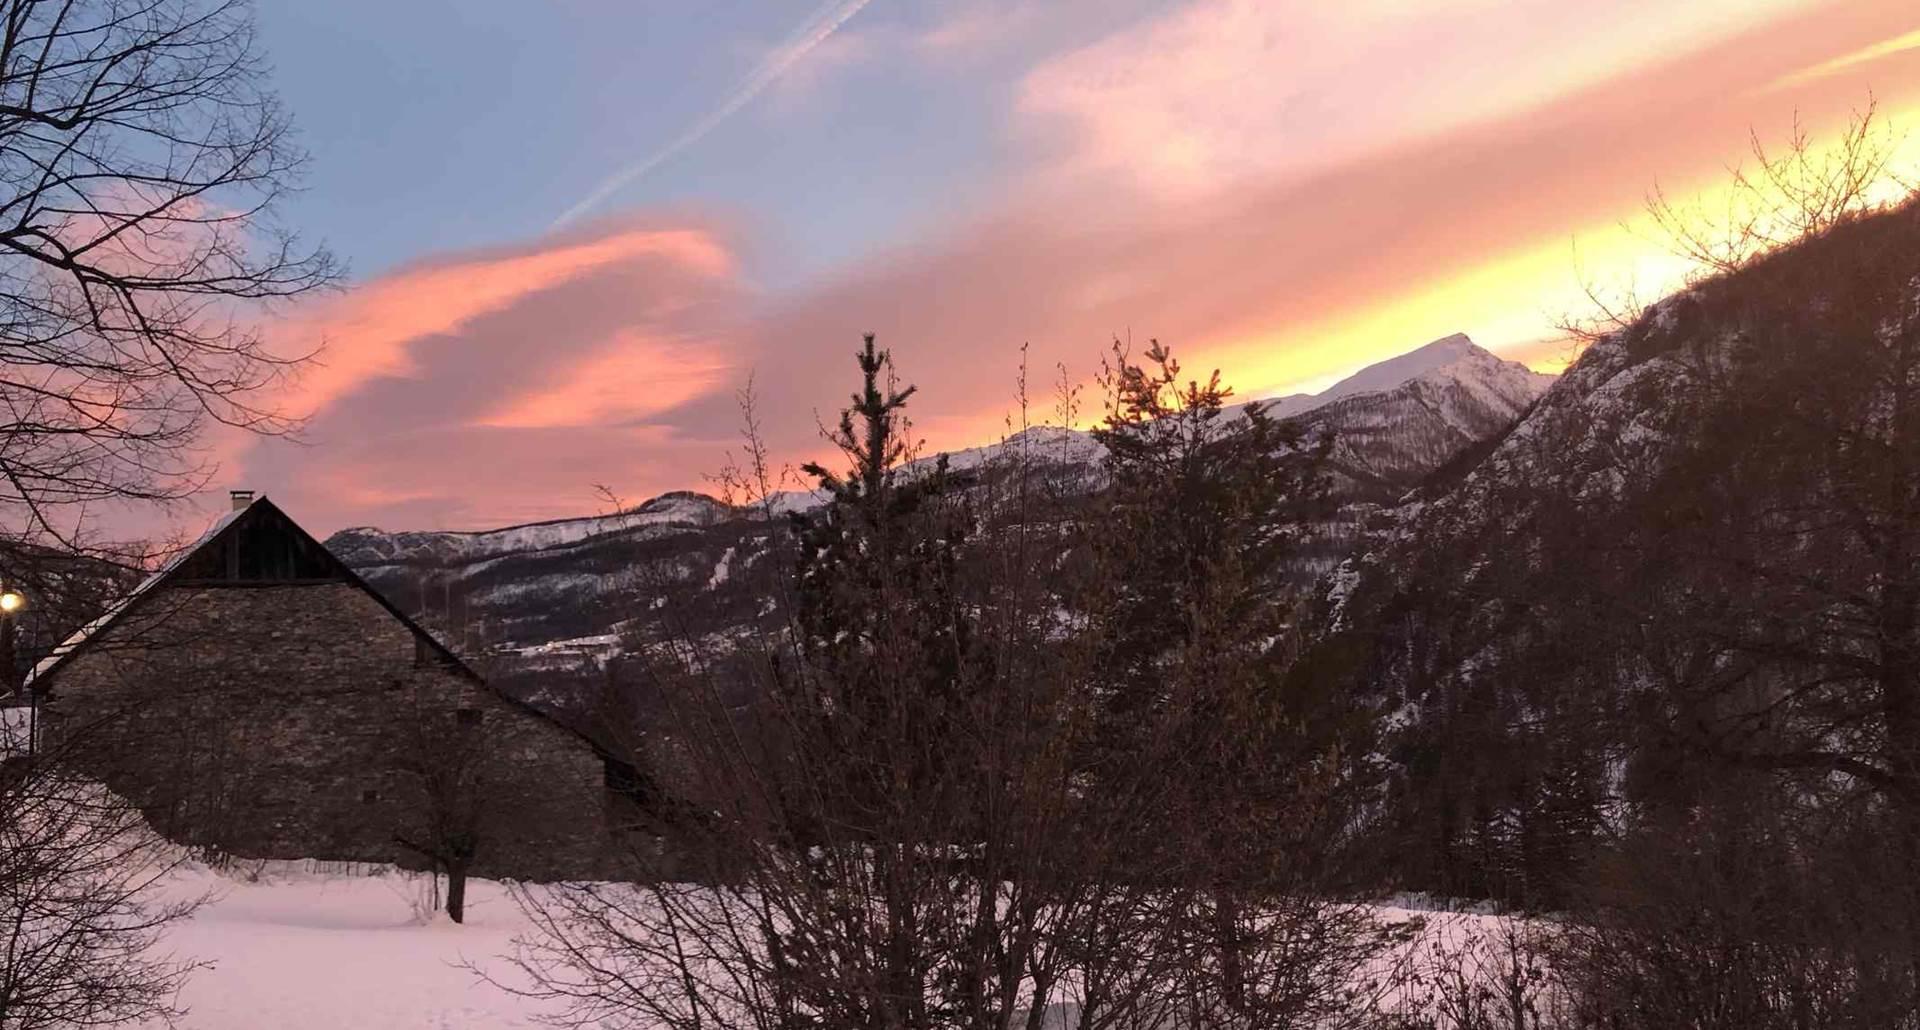 Soleil d'un soir d'hiver